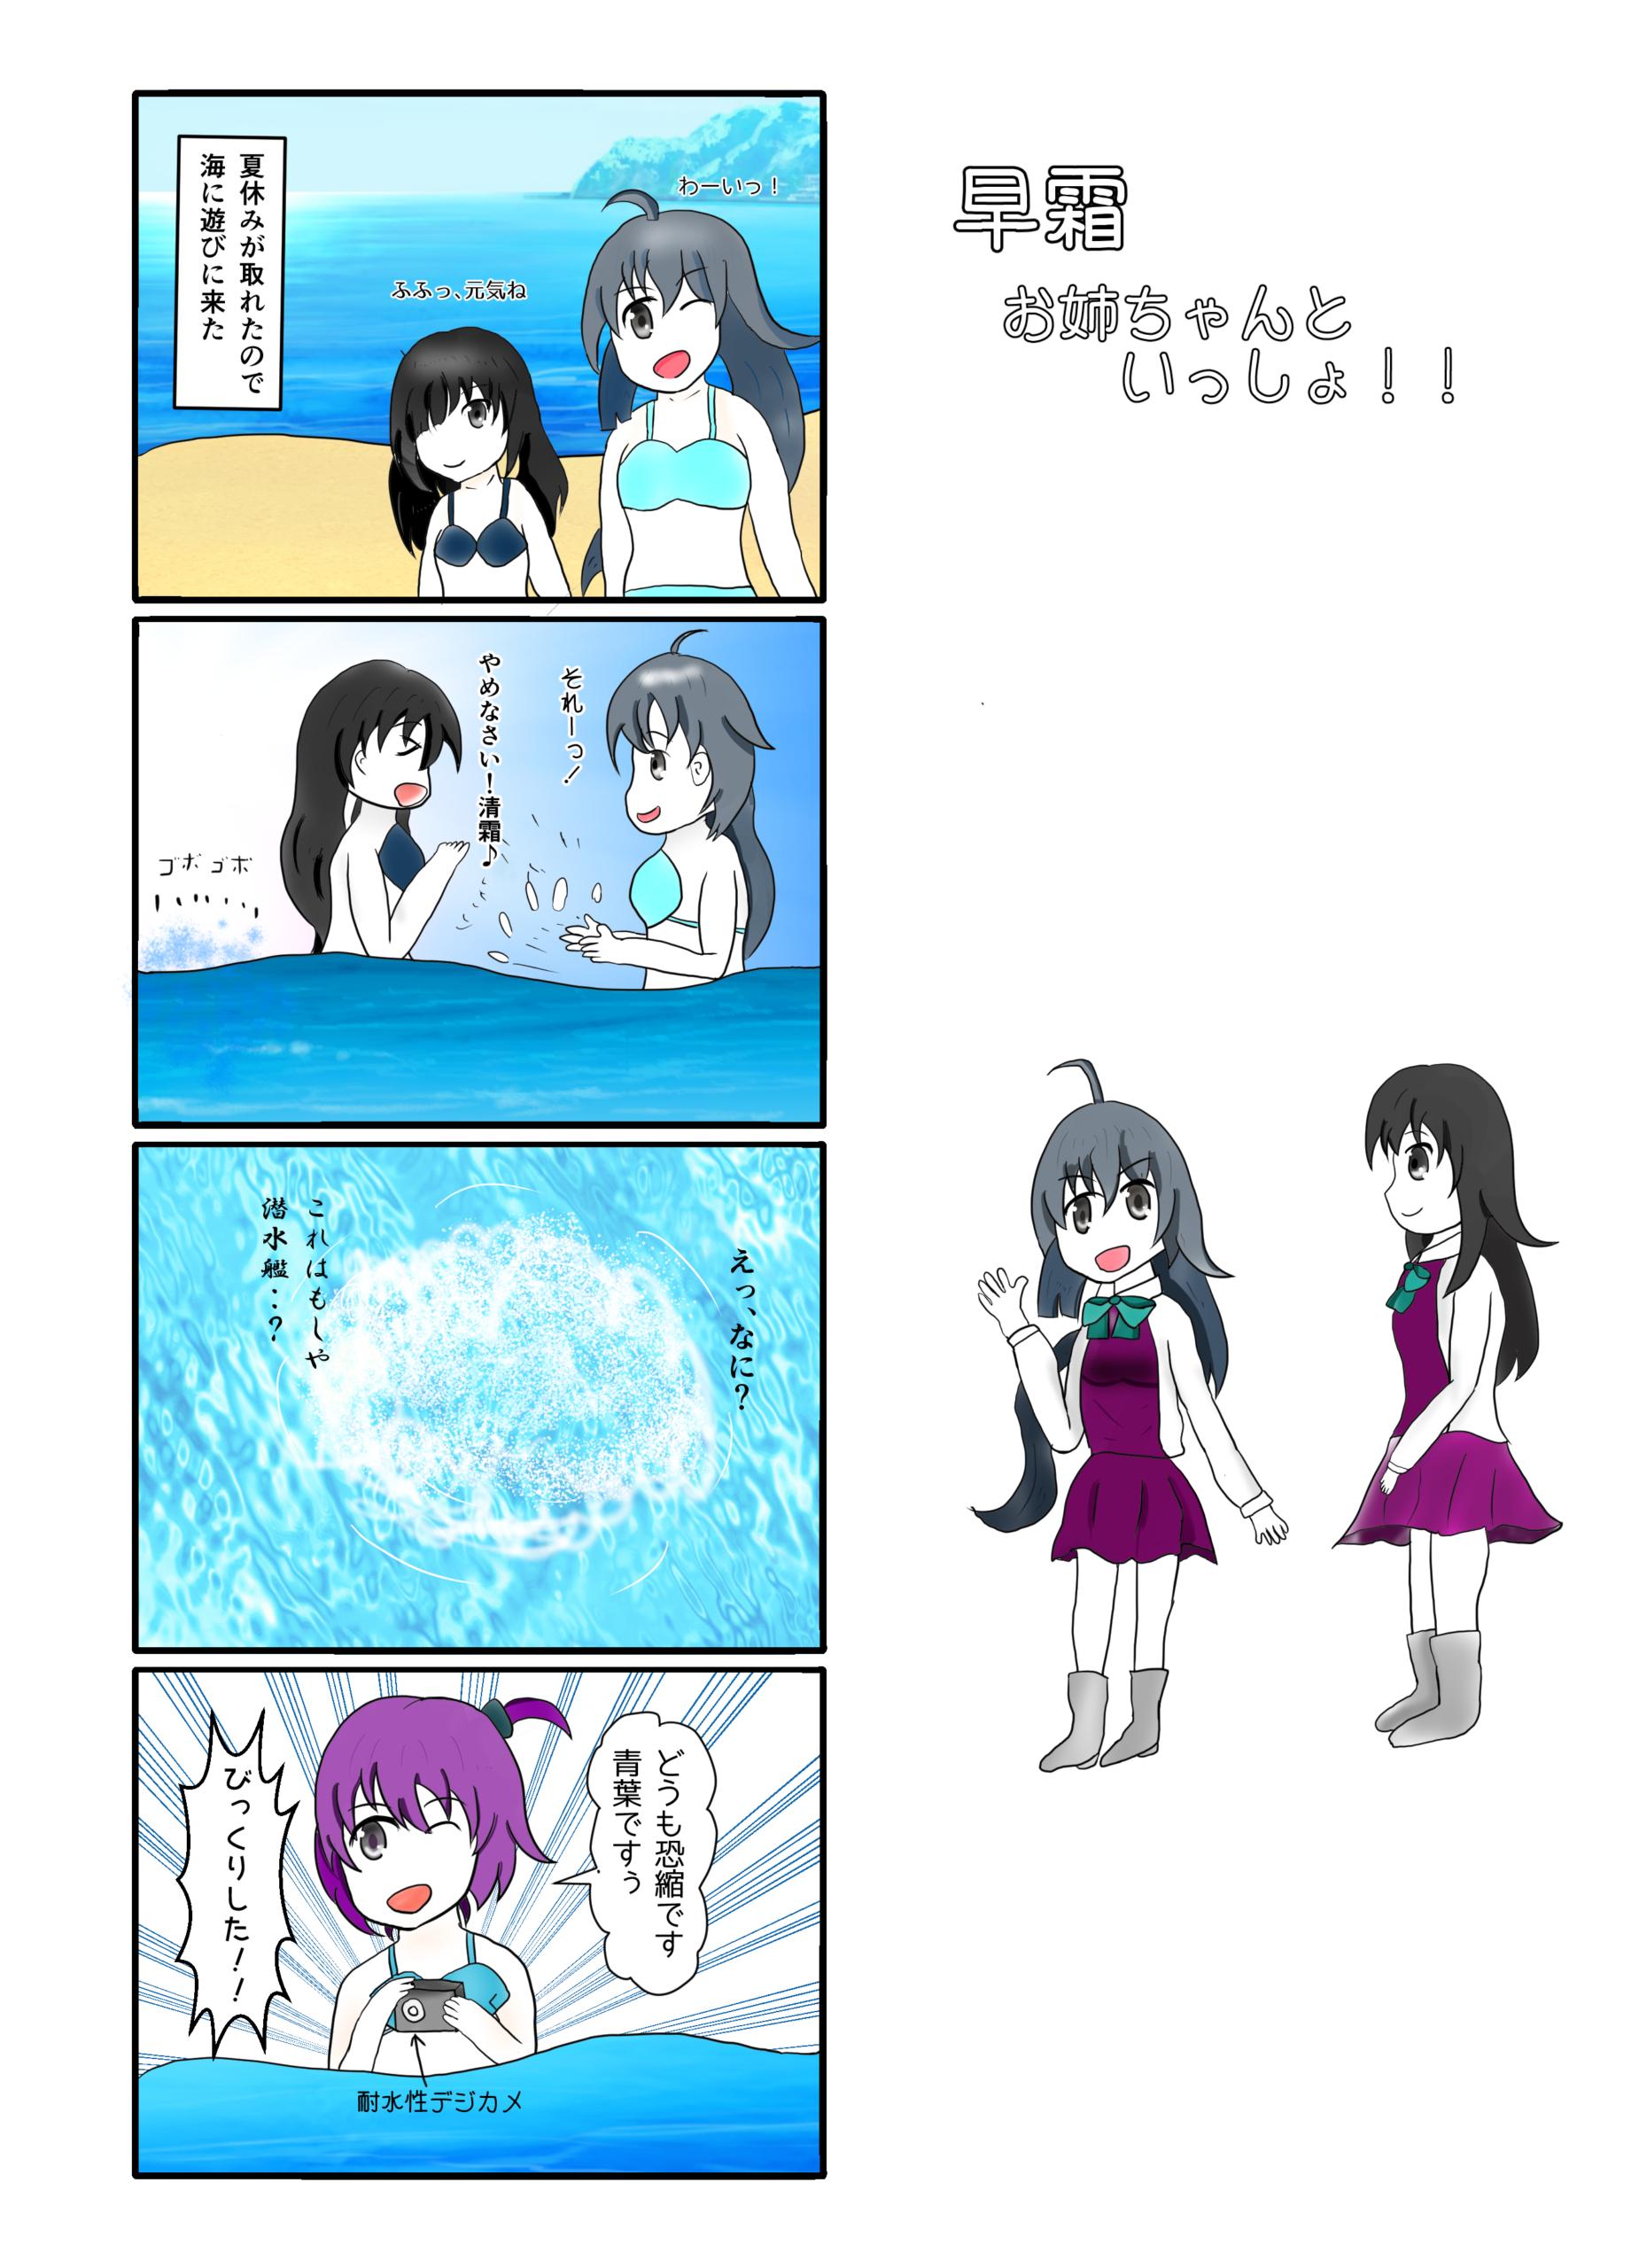 早霜お姉ちゃんと海水浴